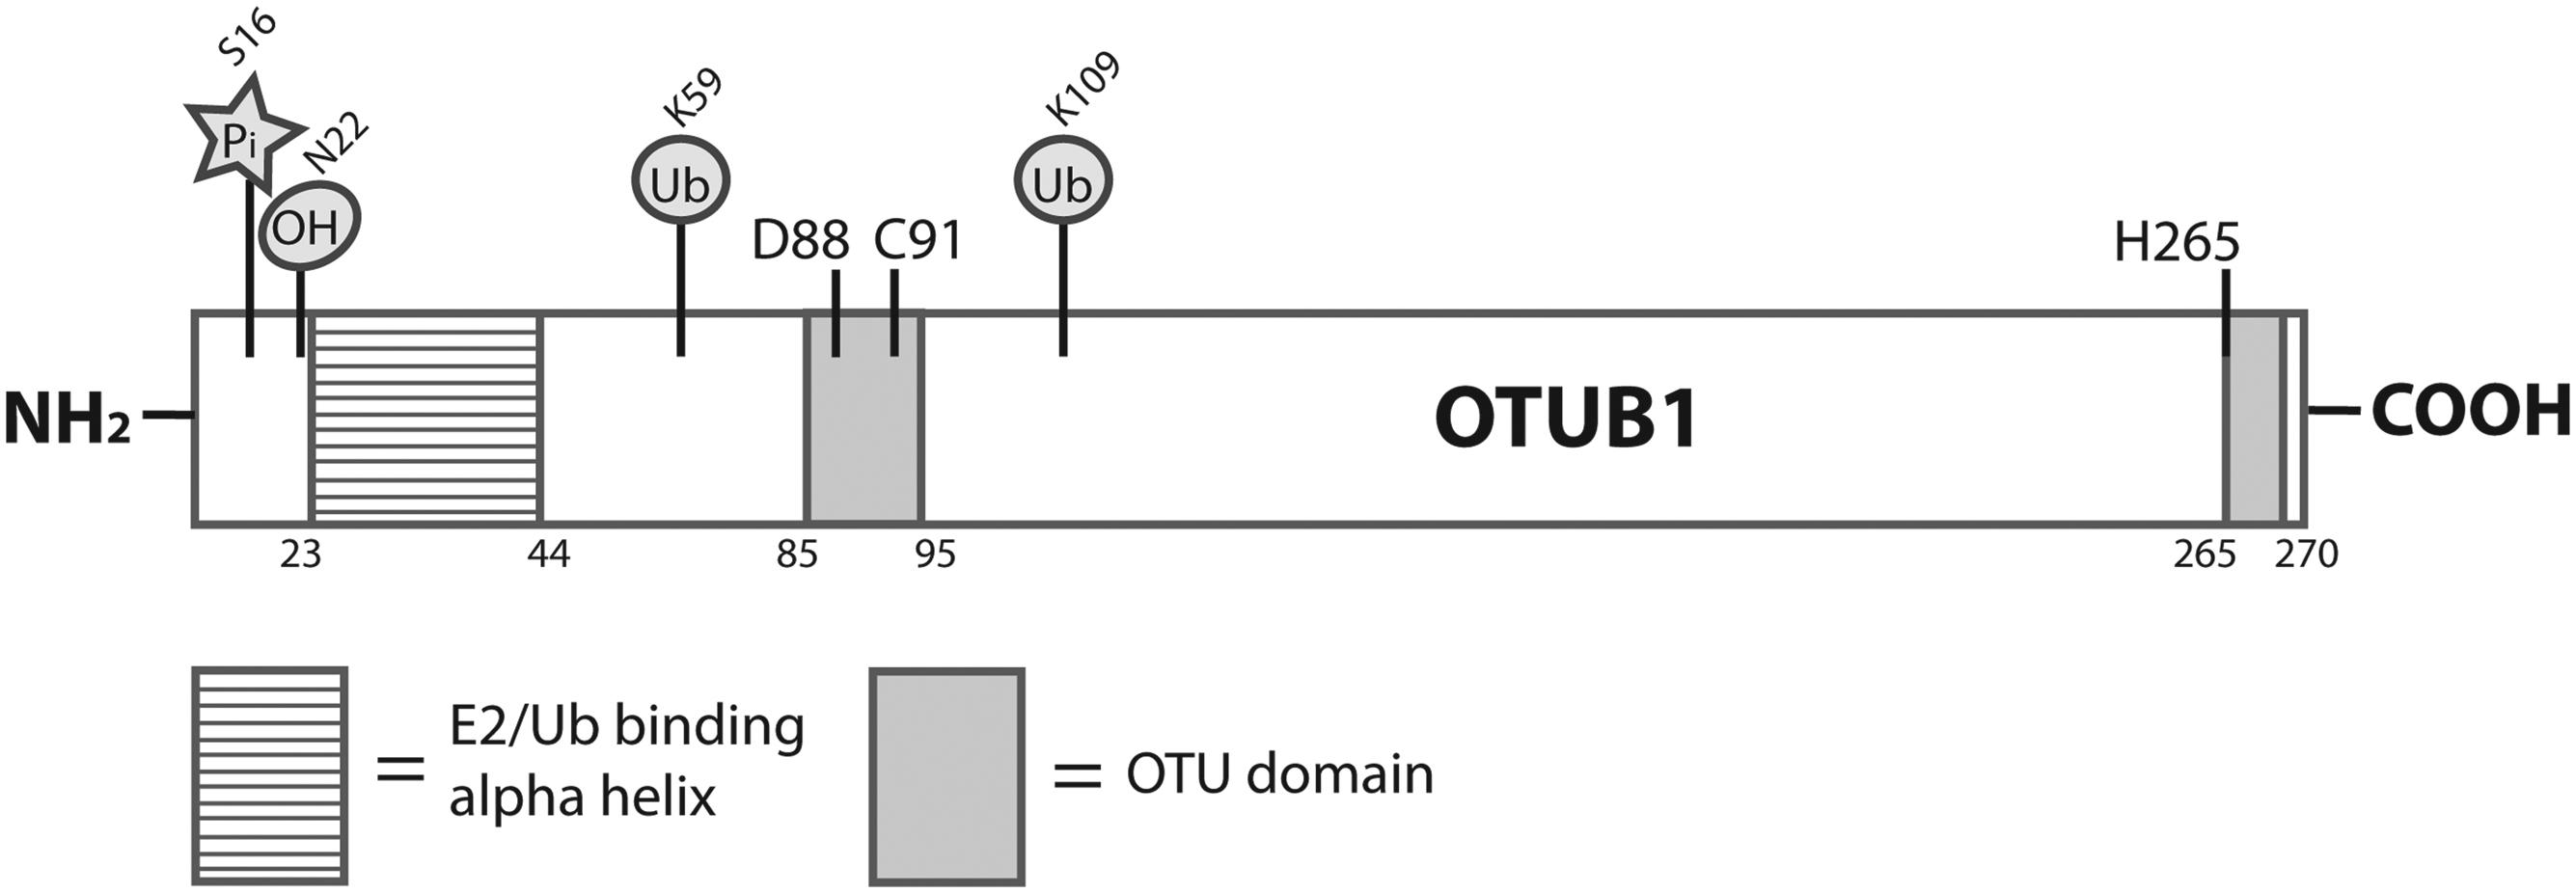 Otubain 1: a non-canonical deubiquitinase with an emerging